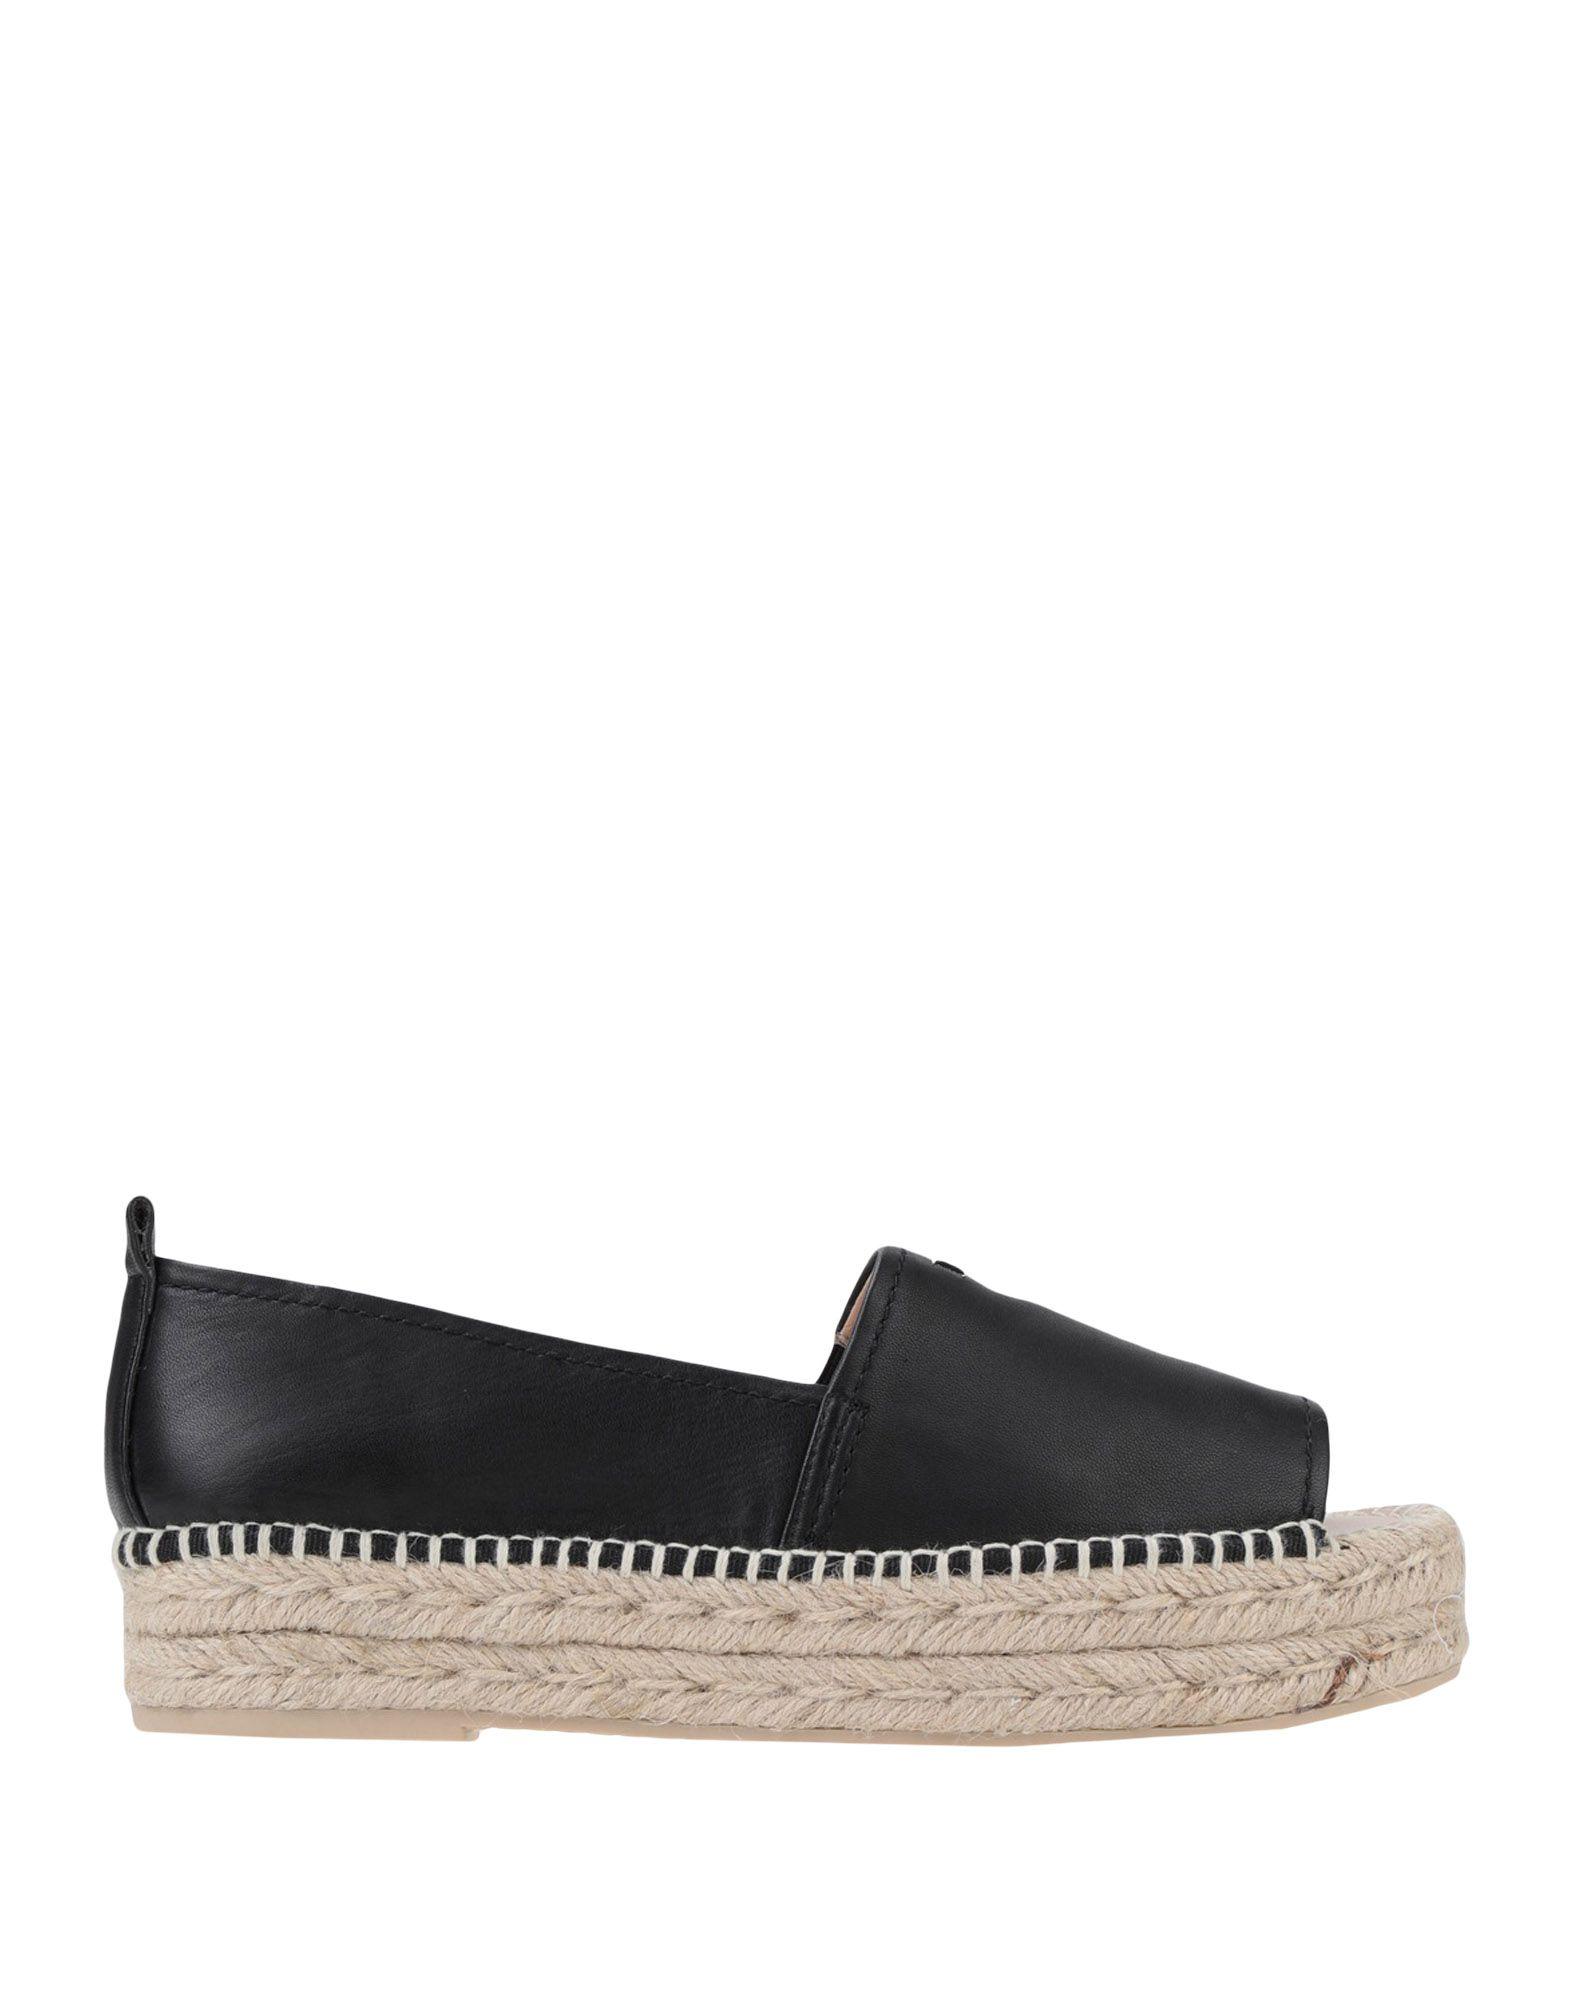 ada329850b Dkny Shoes - Dkny Women - YOOX United Kingdom